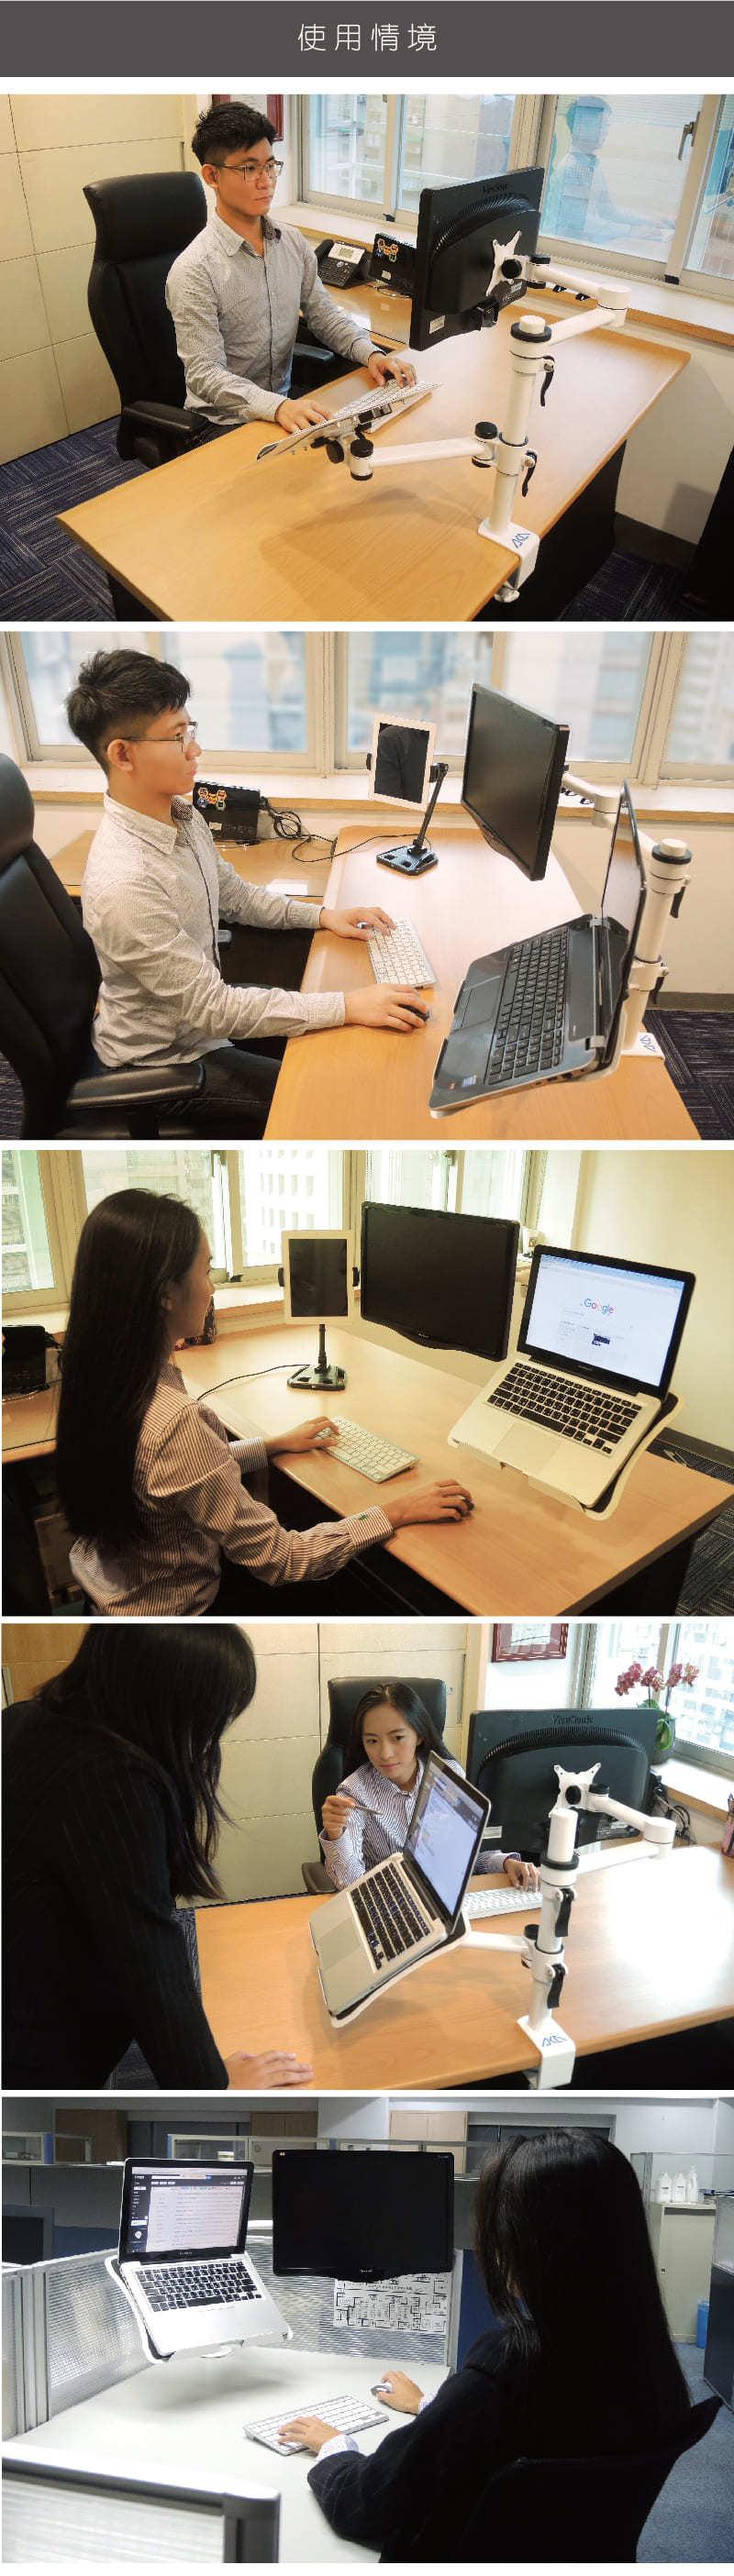 螢幕支架,筆電架,雙螢幕,電腦架